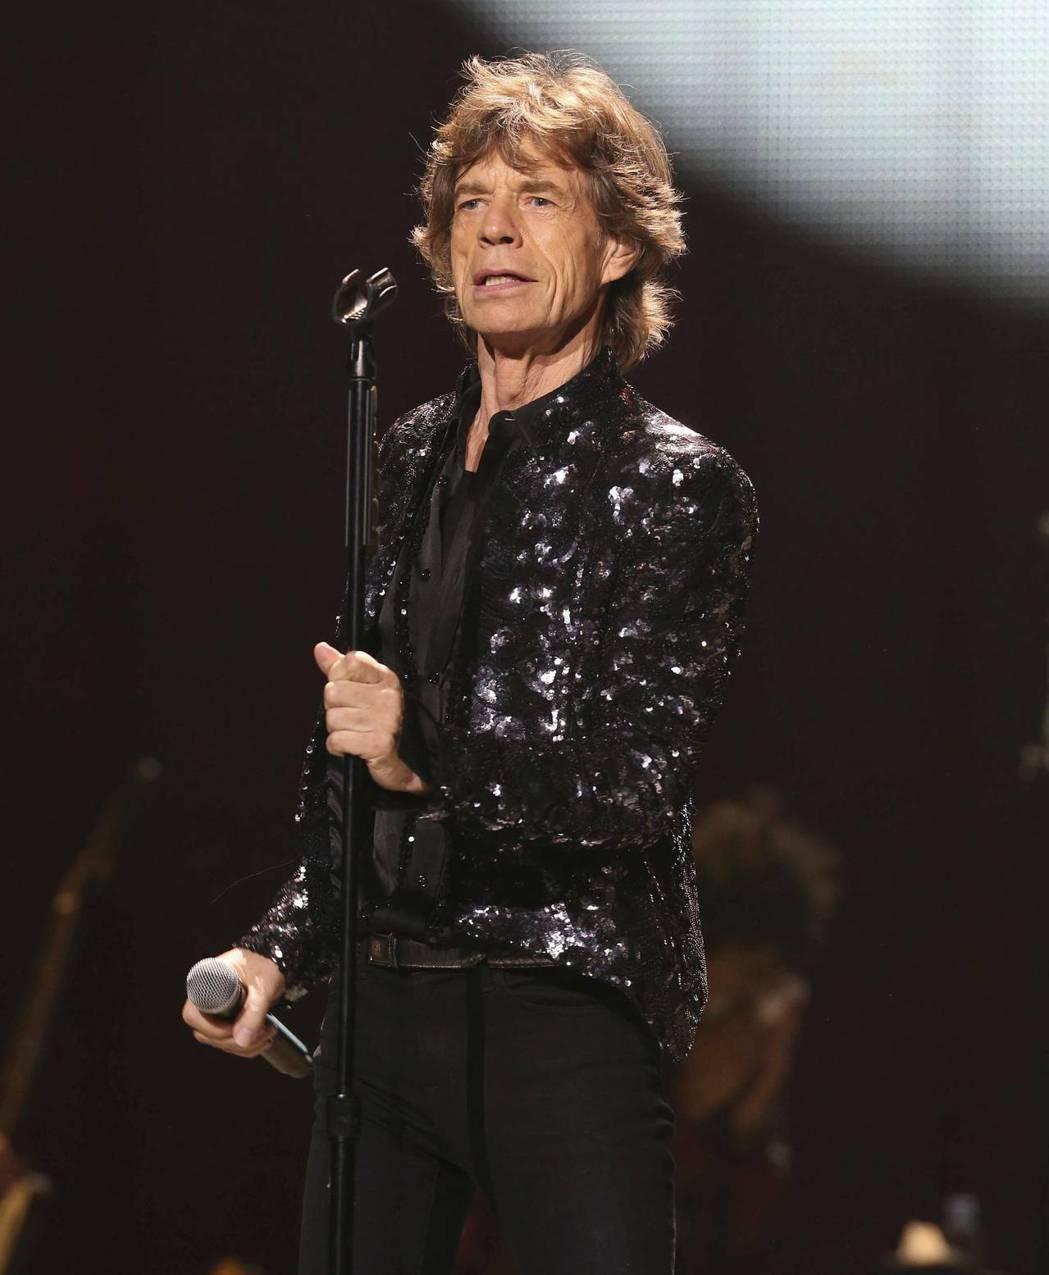 滾石樂團主唱米克傑格。 圖/美聯社